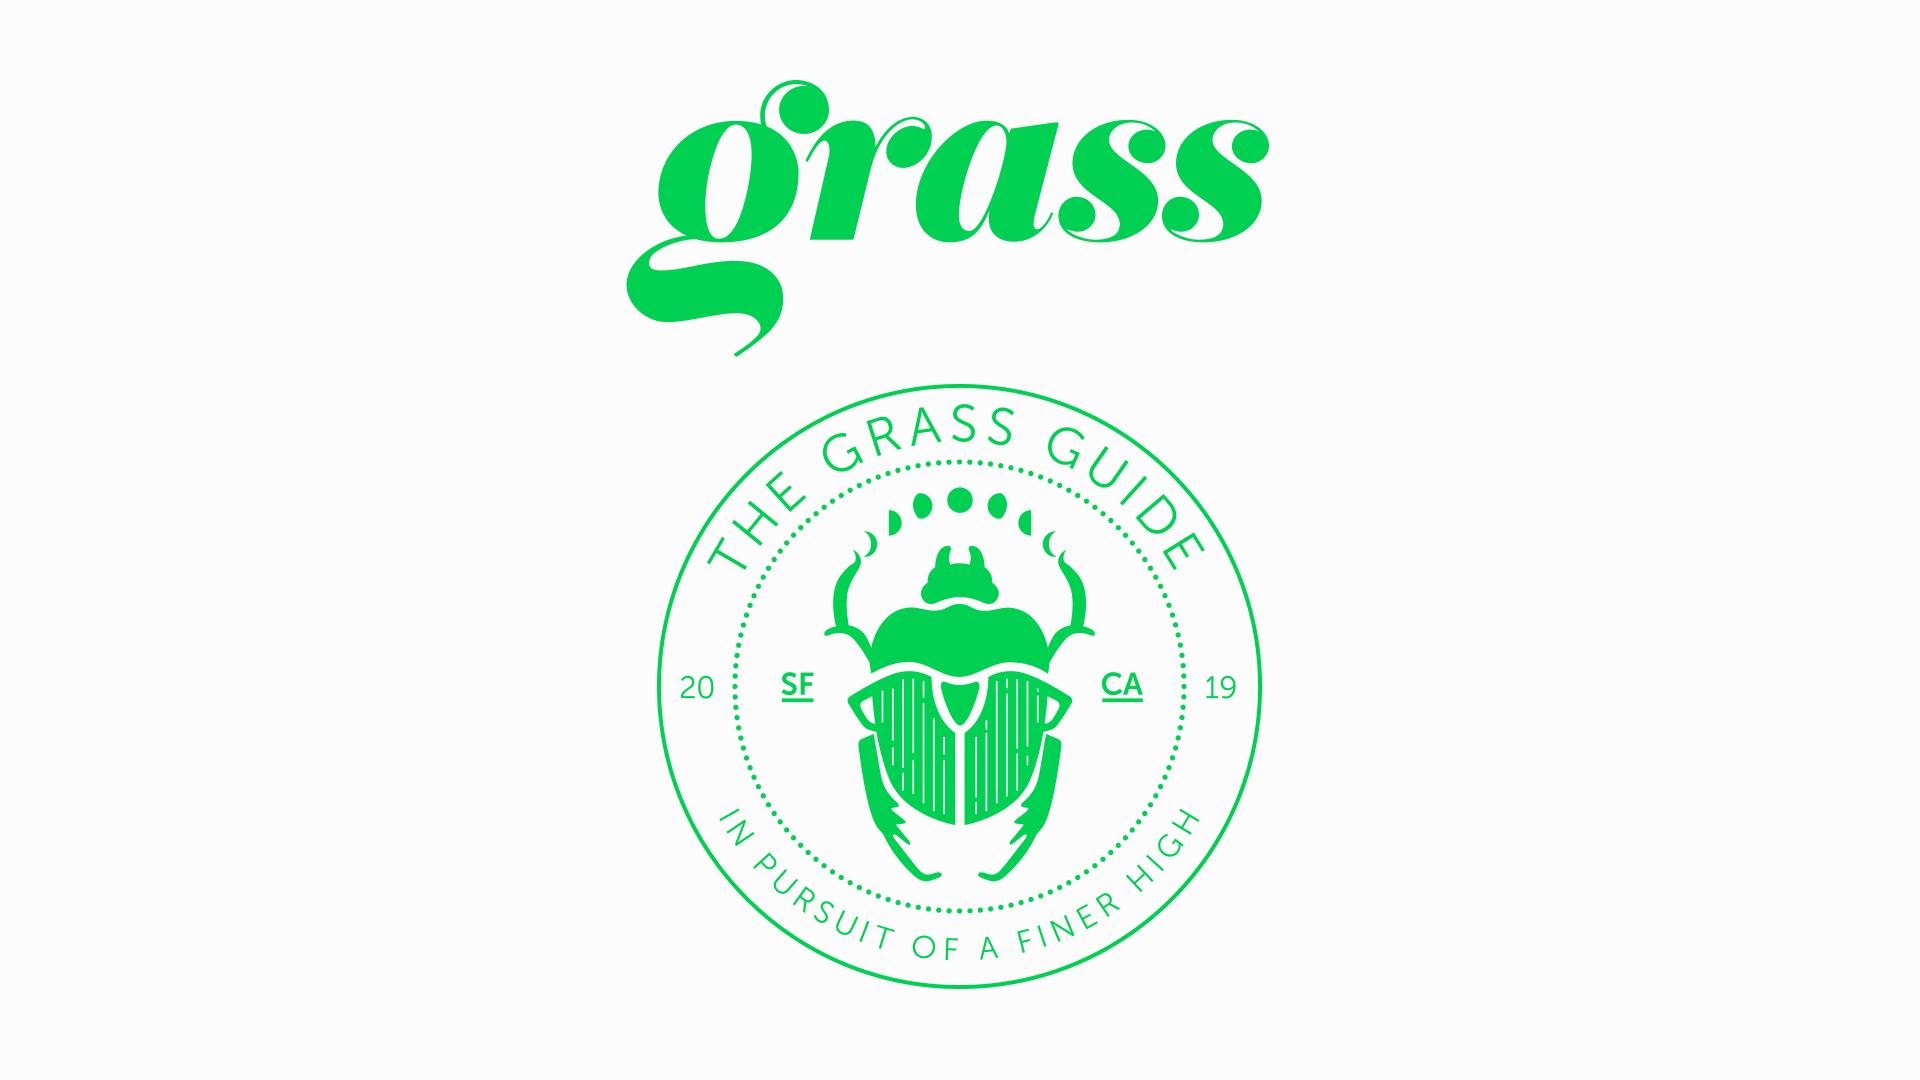 GrassLogo_1920x1080.jpg